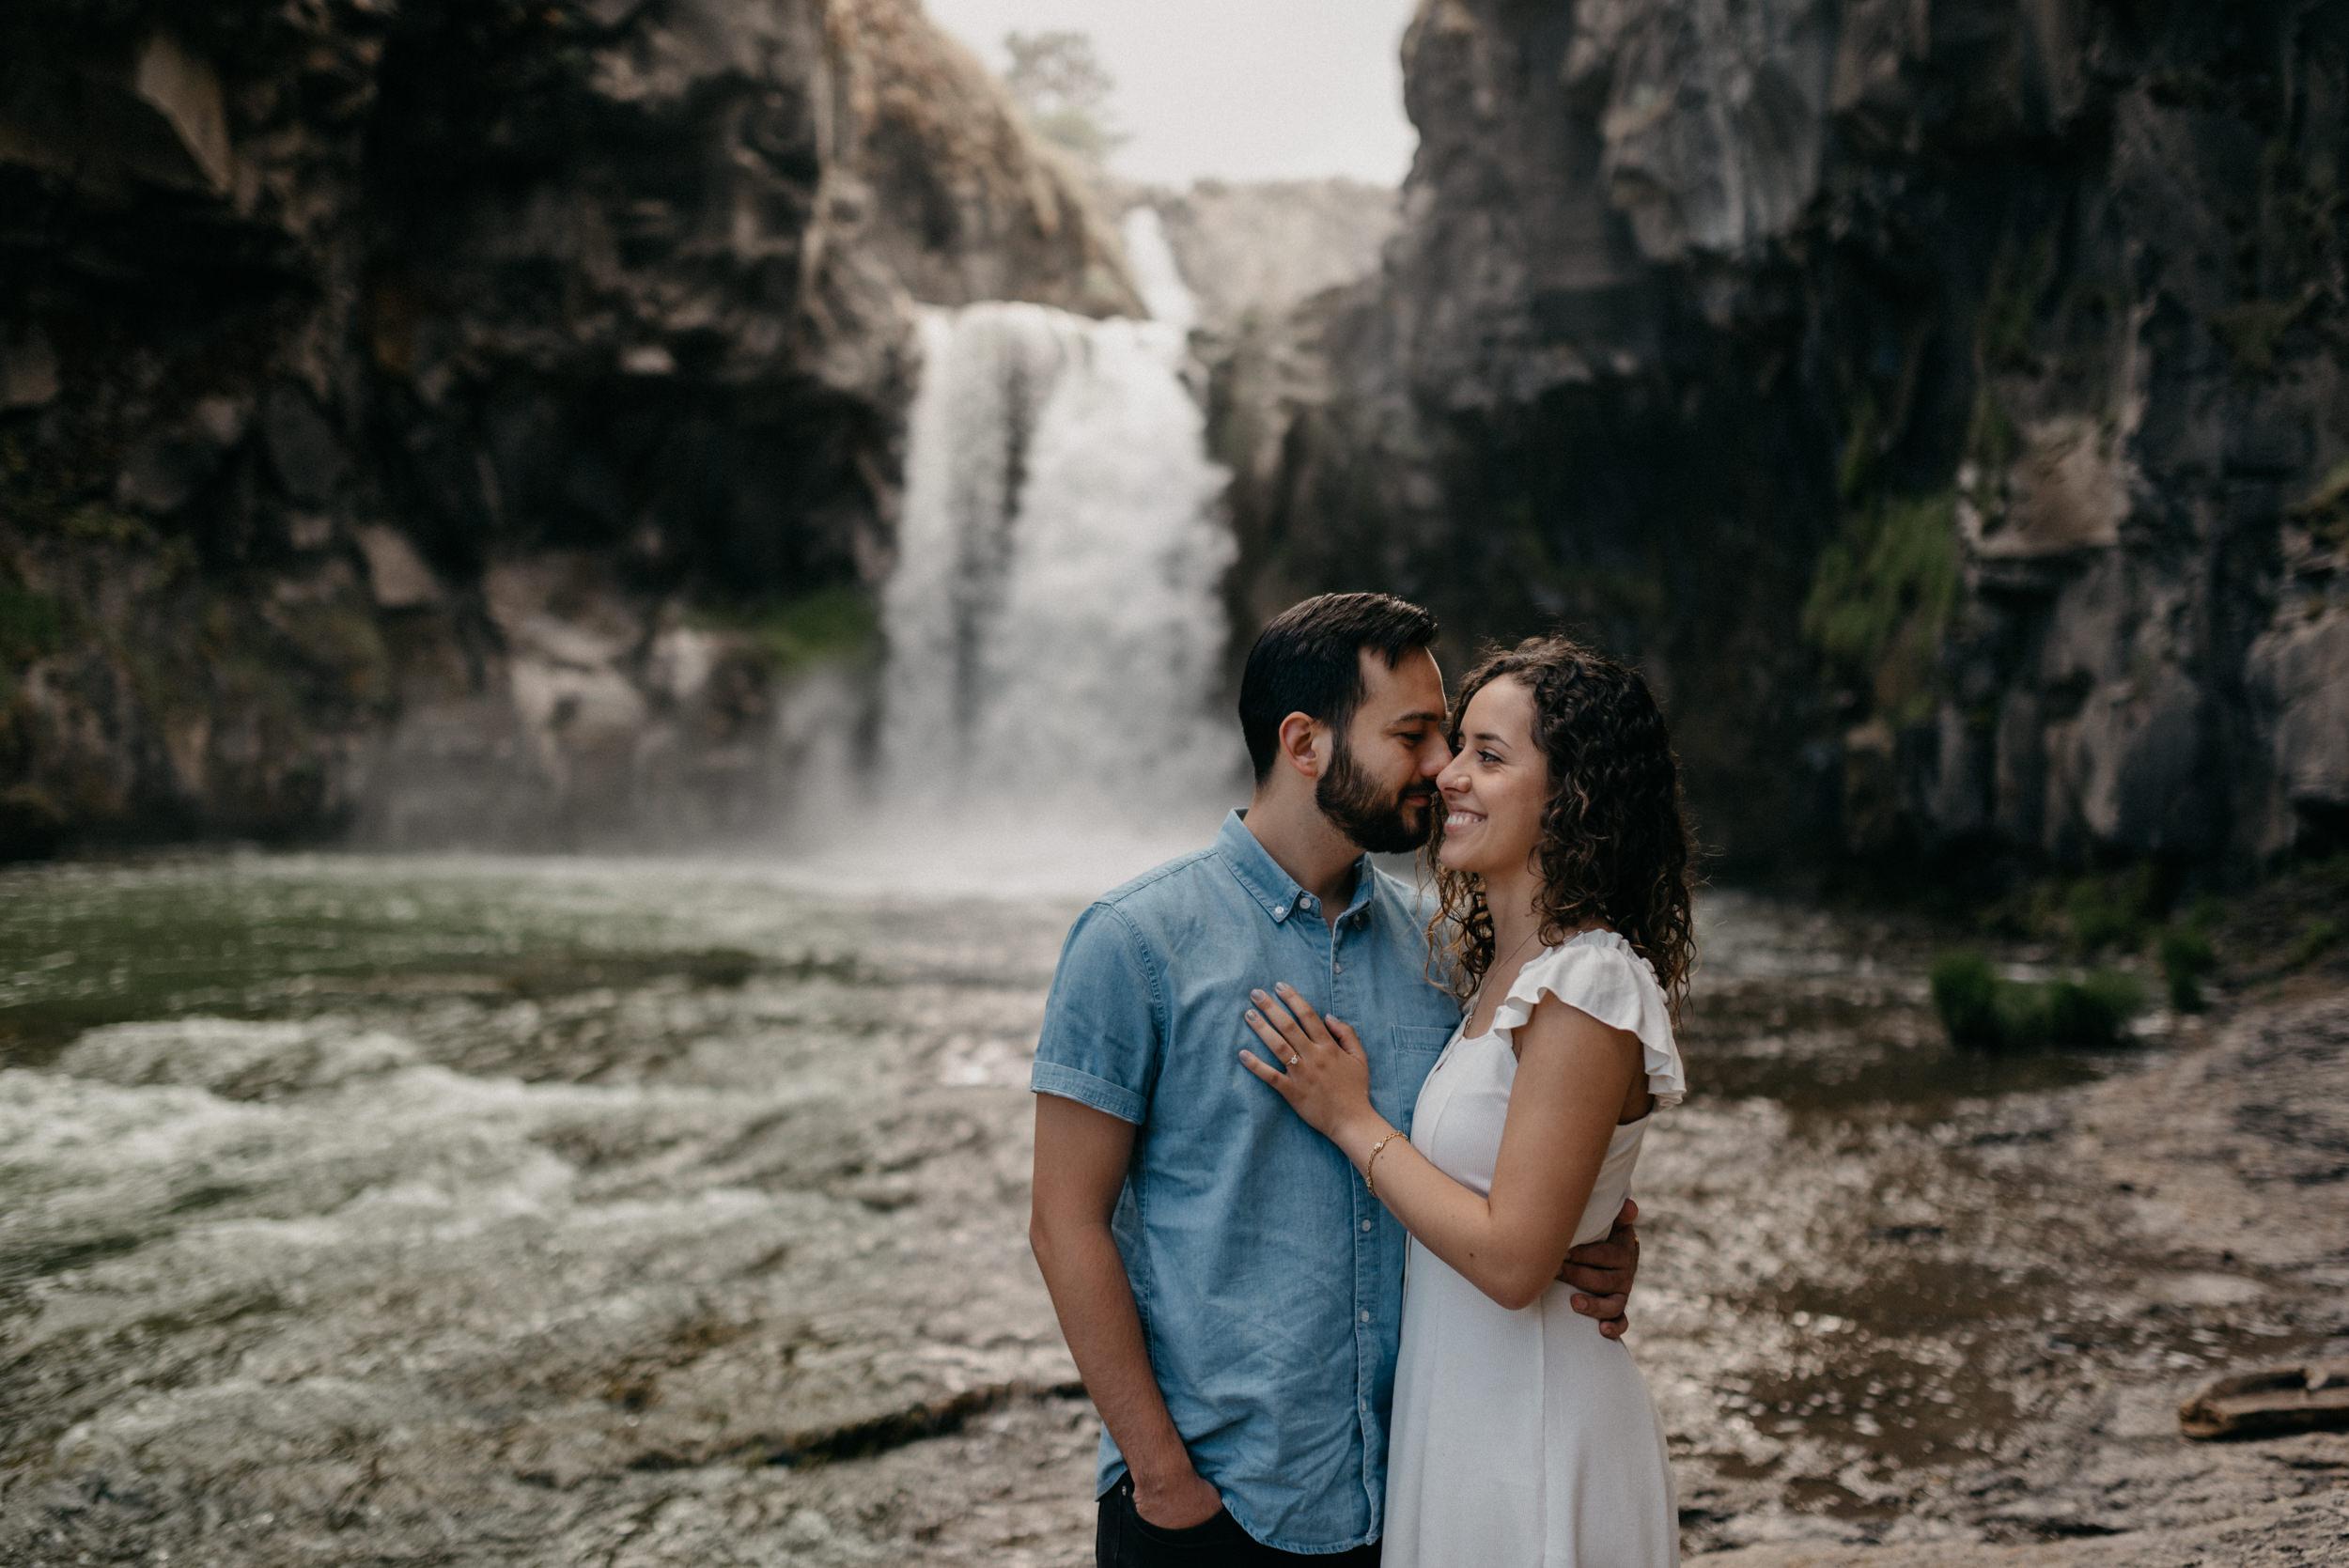 13-White-river-falls-state-park-engagement-5678.jpg